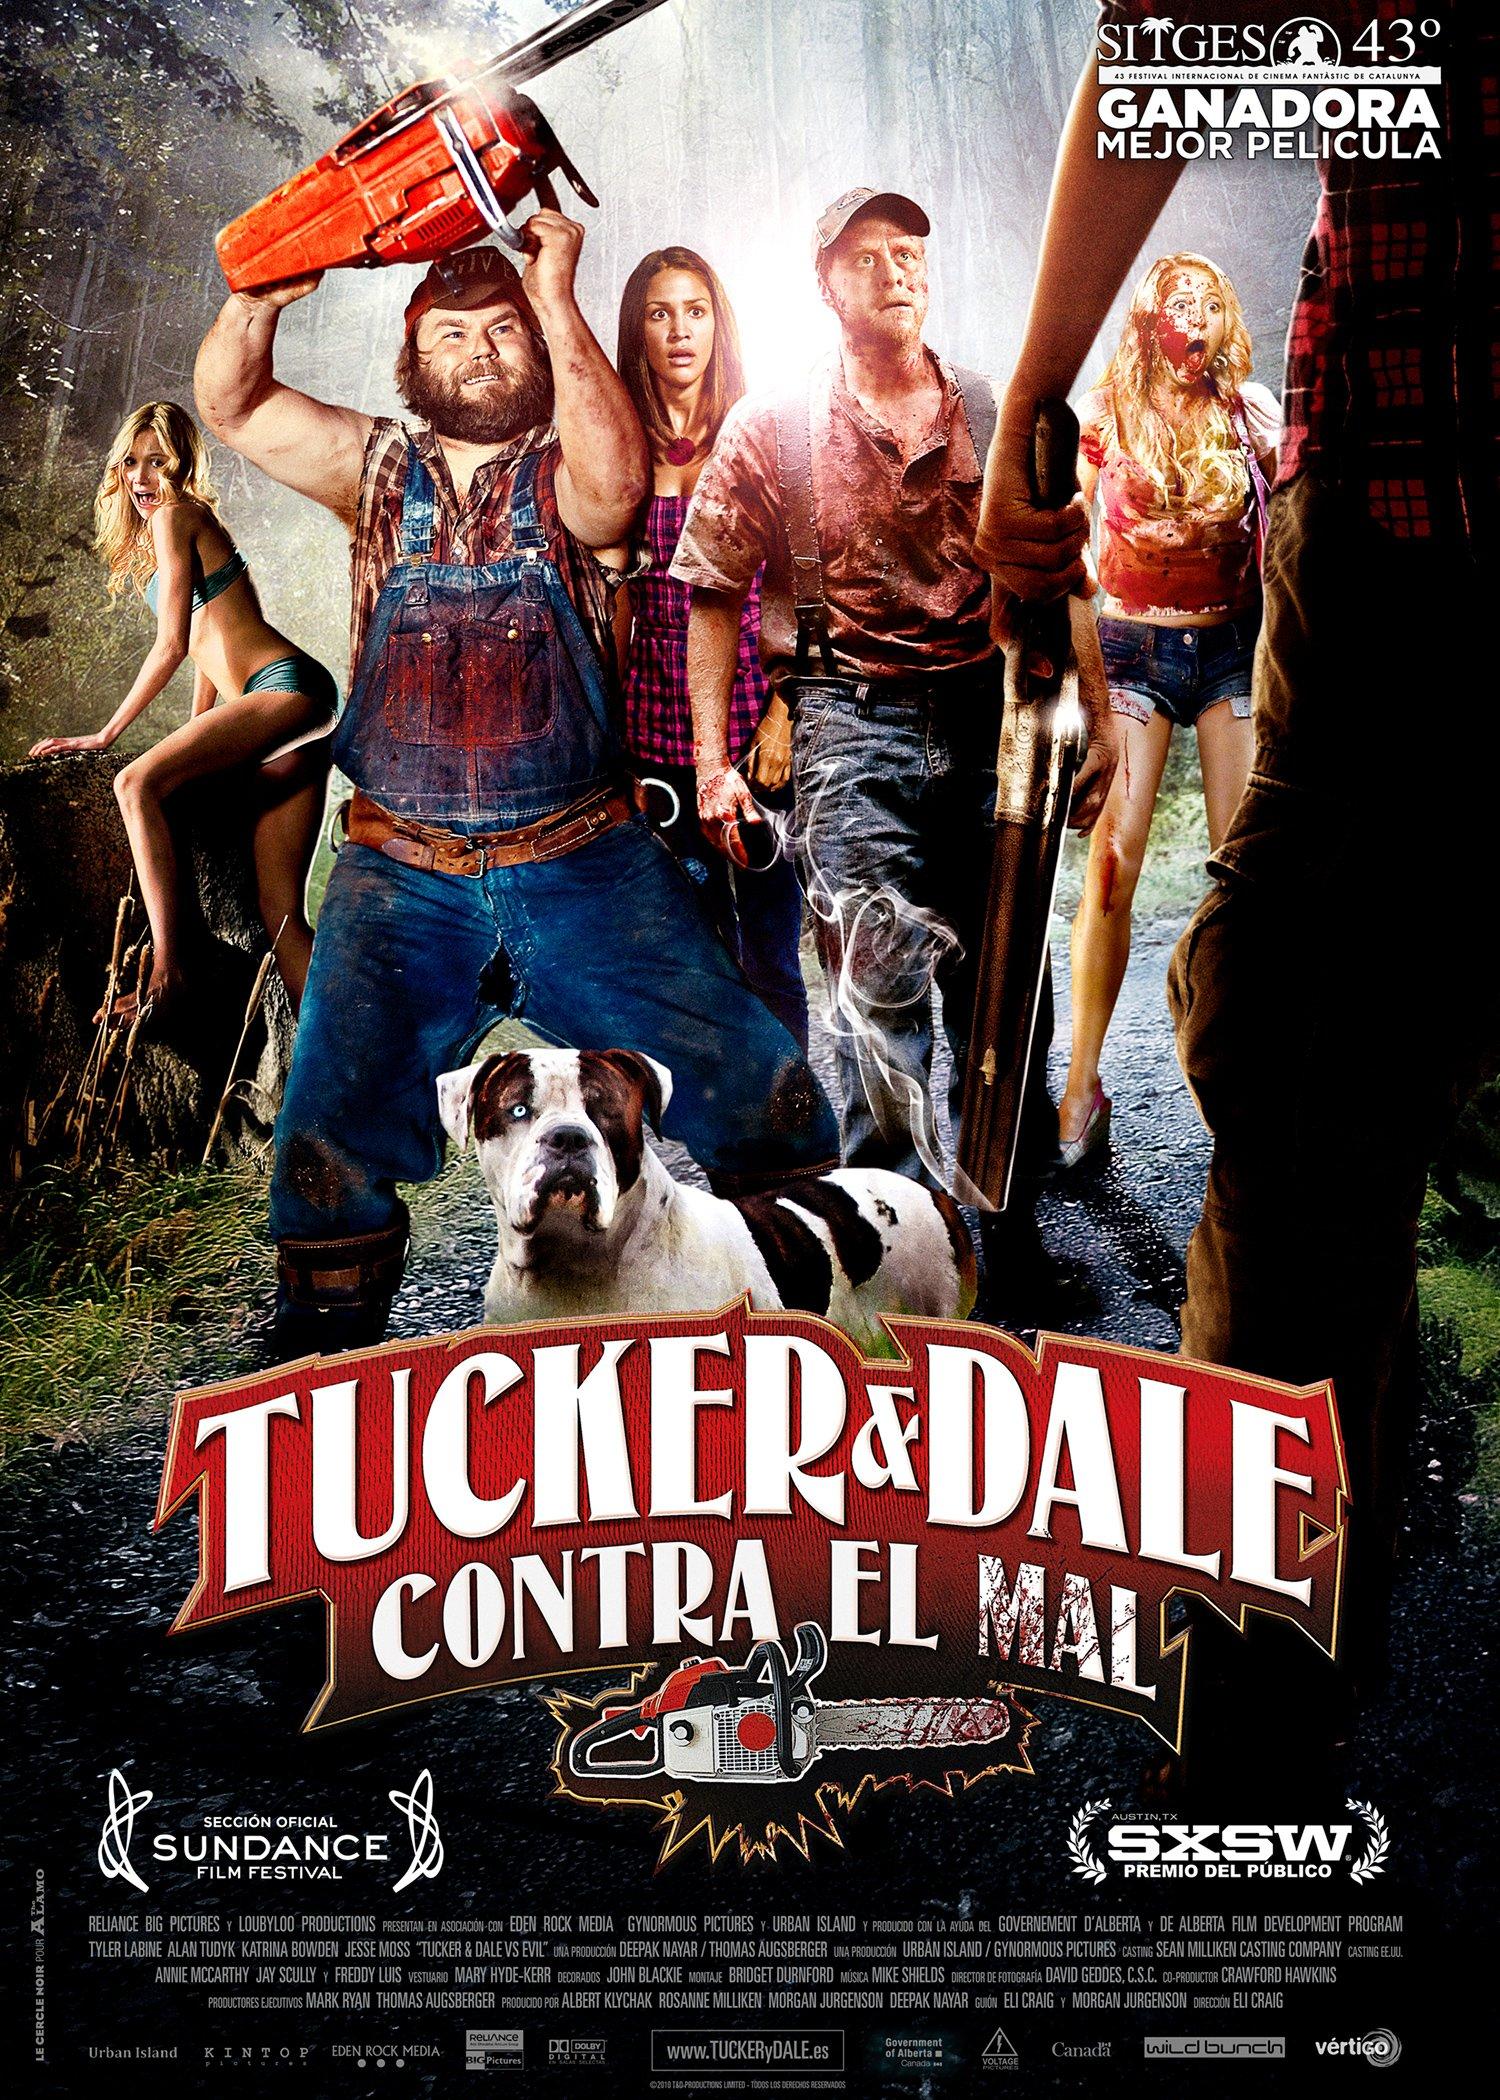 Tucker&Dale contra el Mal